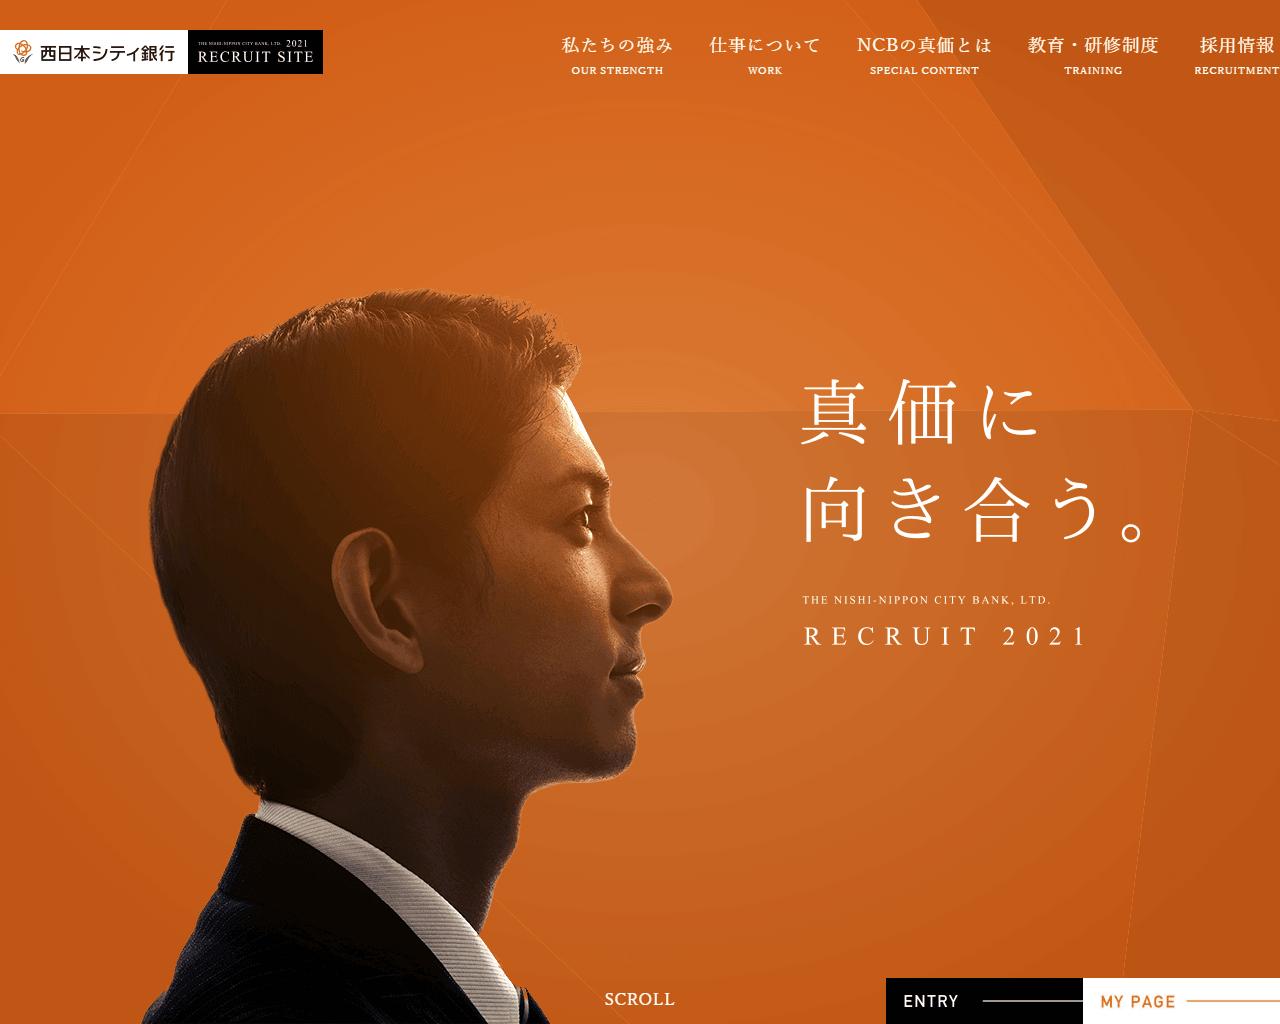 西日本シティ銀行 2021年度 新卒採用サイト PC画像